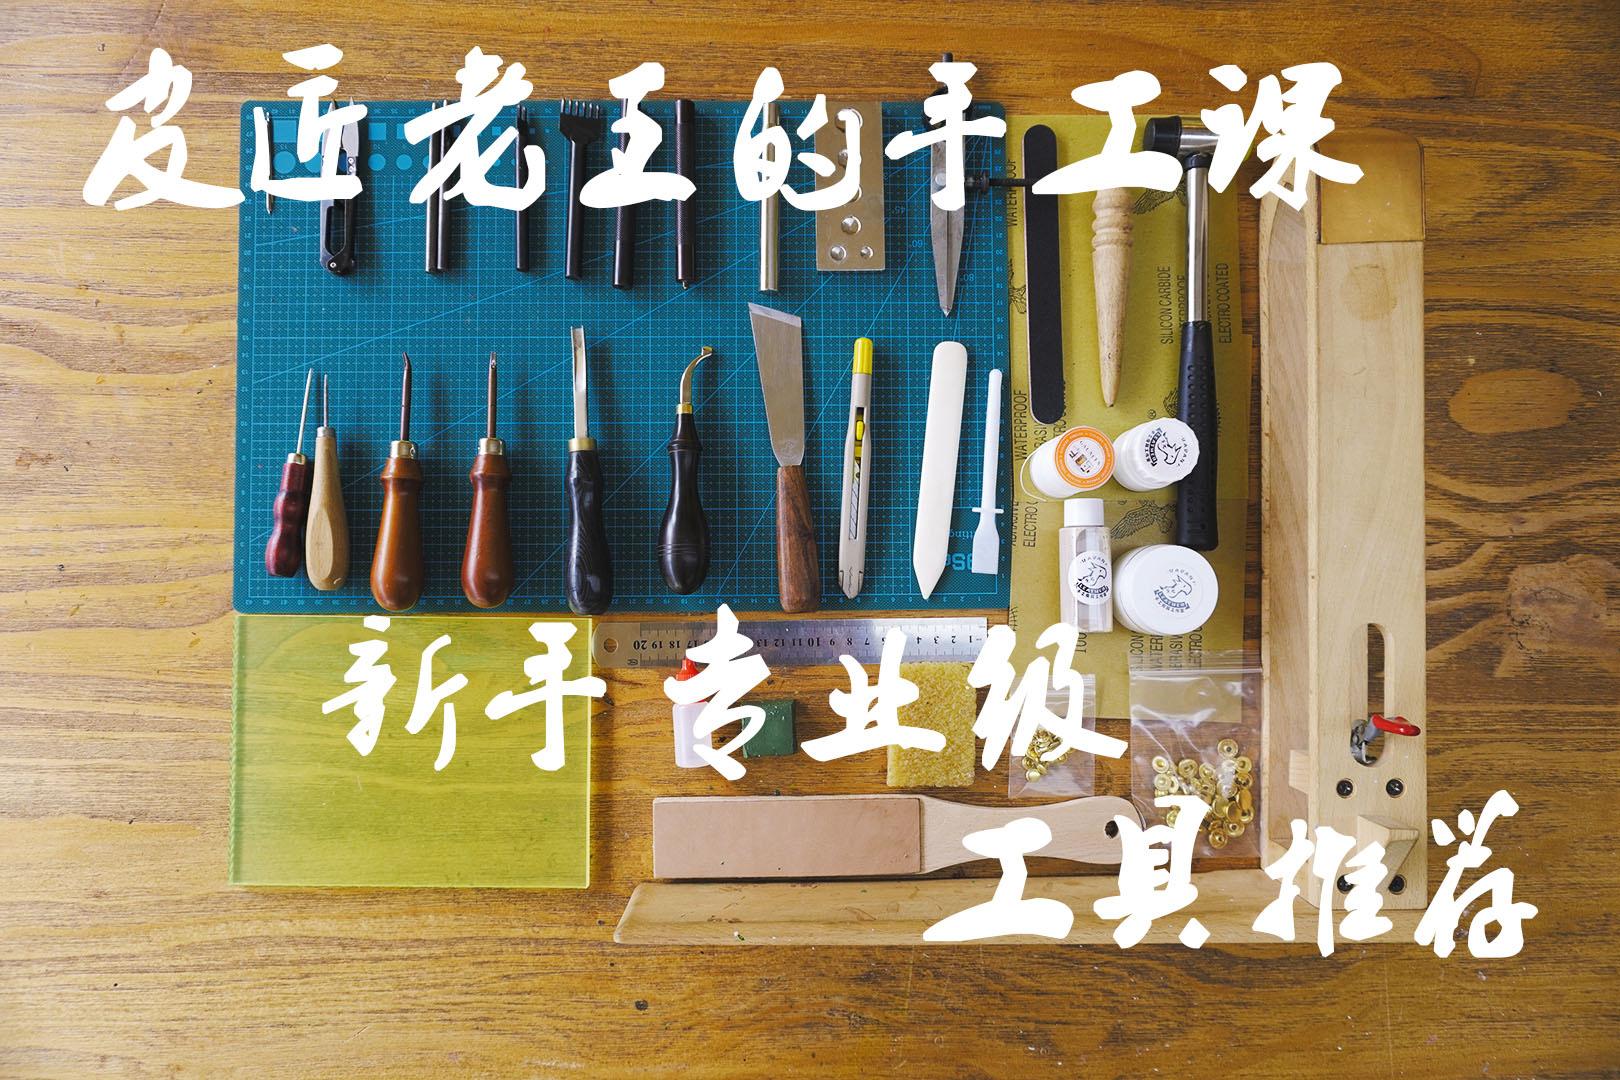 皮匠老王的手工课 手工皮具专业级新手工具套装推荐